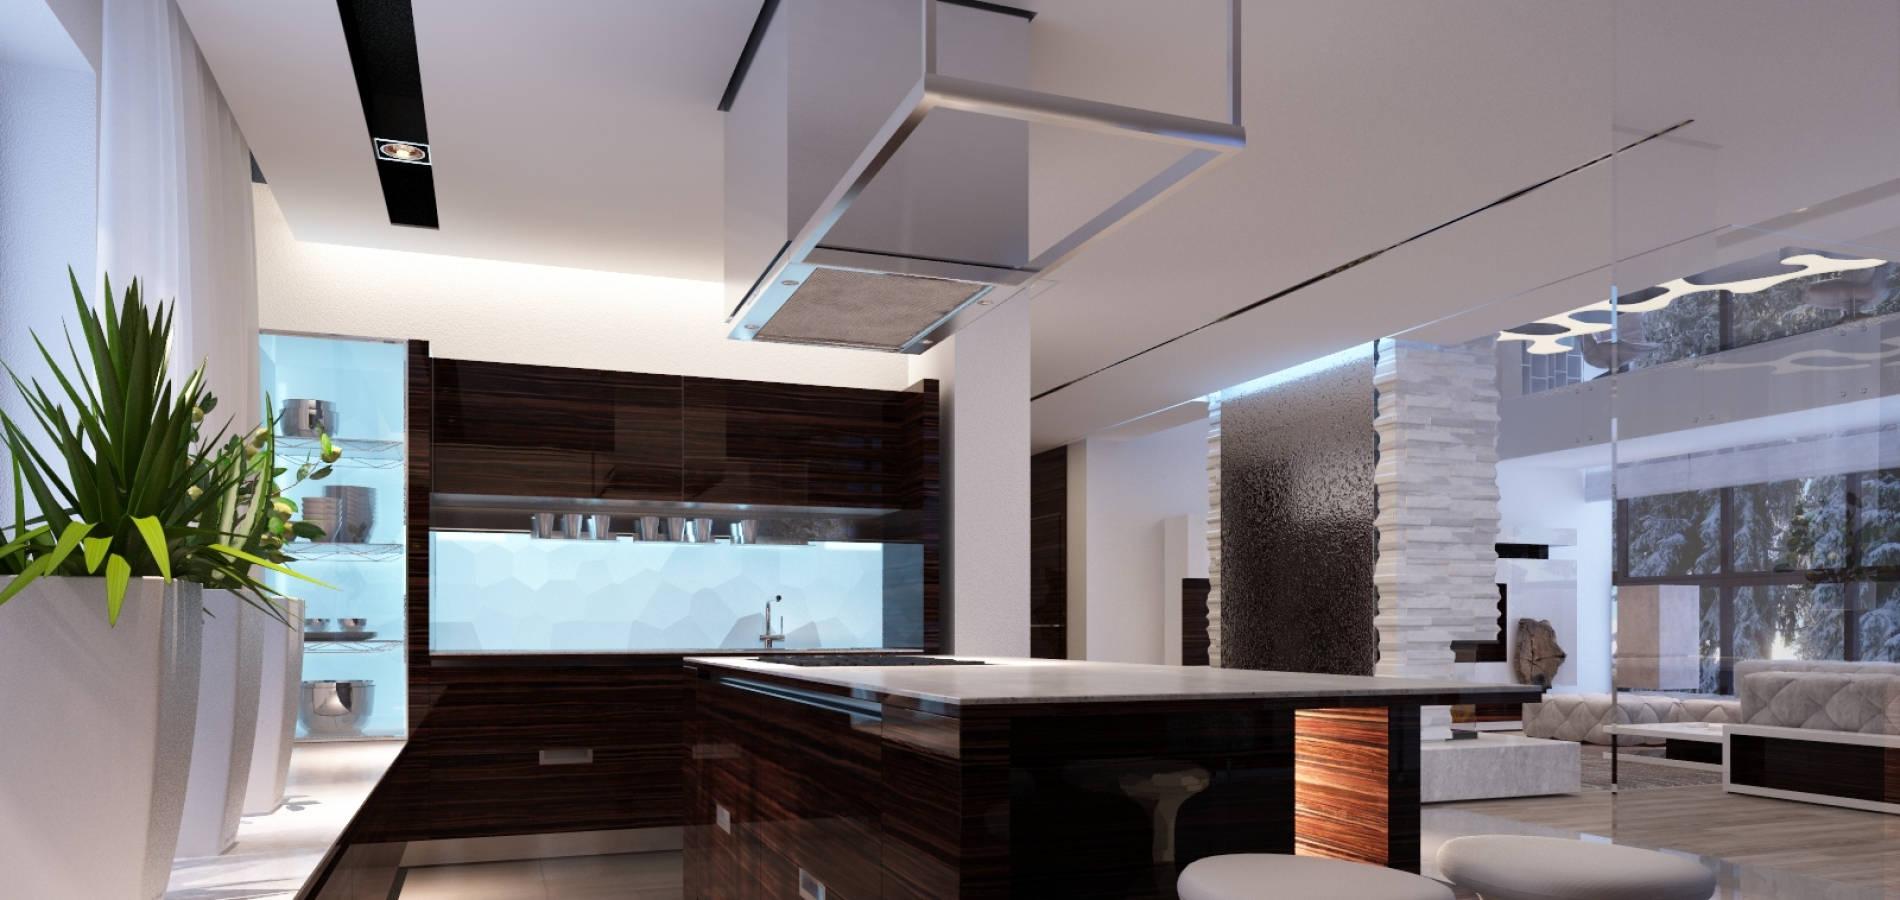 Кухня суміщена з вітальнею в шпоні ALPI H_409